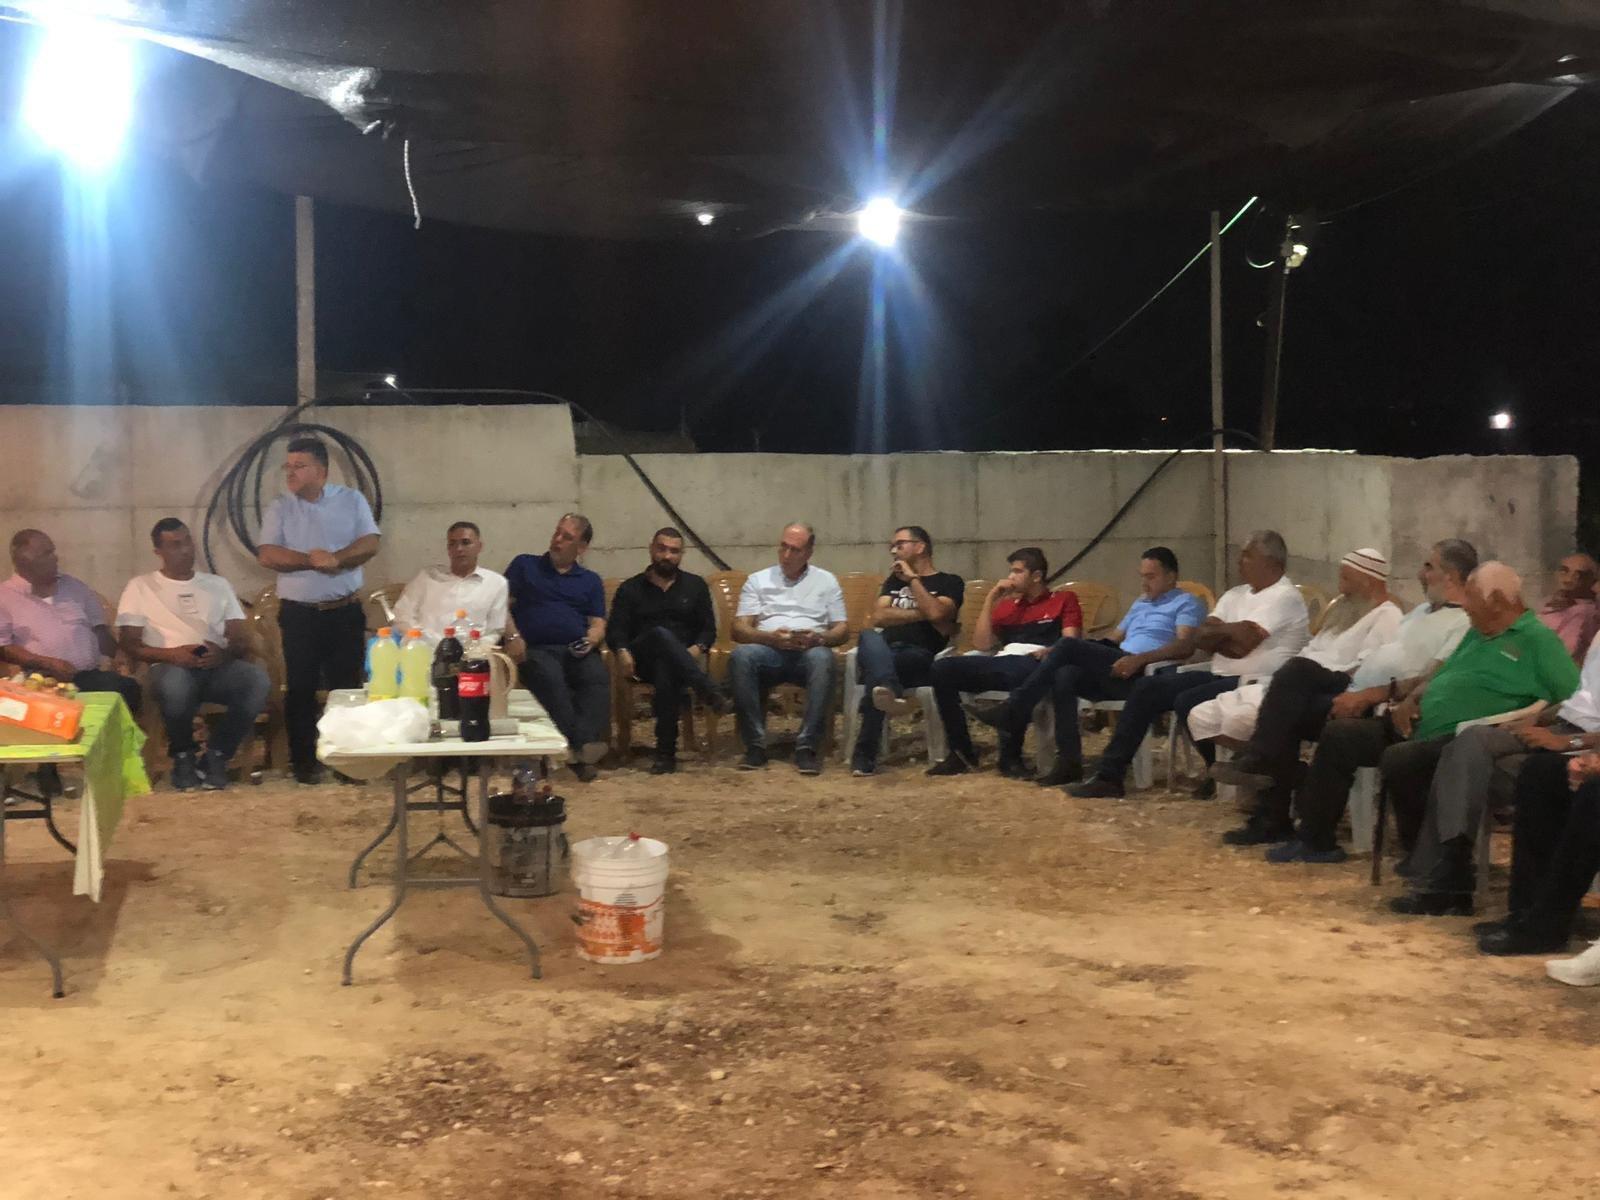 استمرار التوافد لخيمة الاعتصام في عرعرة تضامناً مع ابراهيم مرزوق